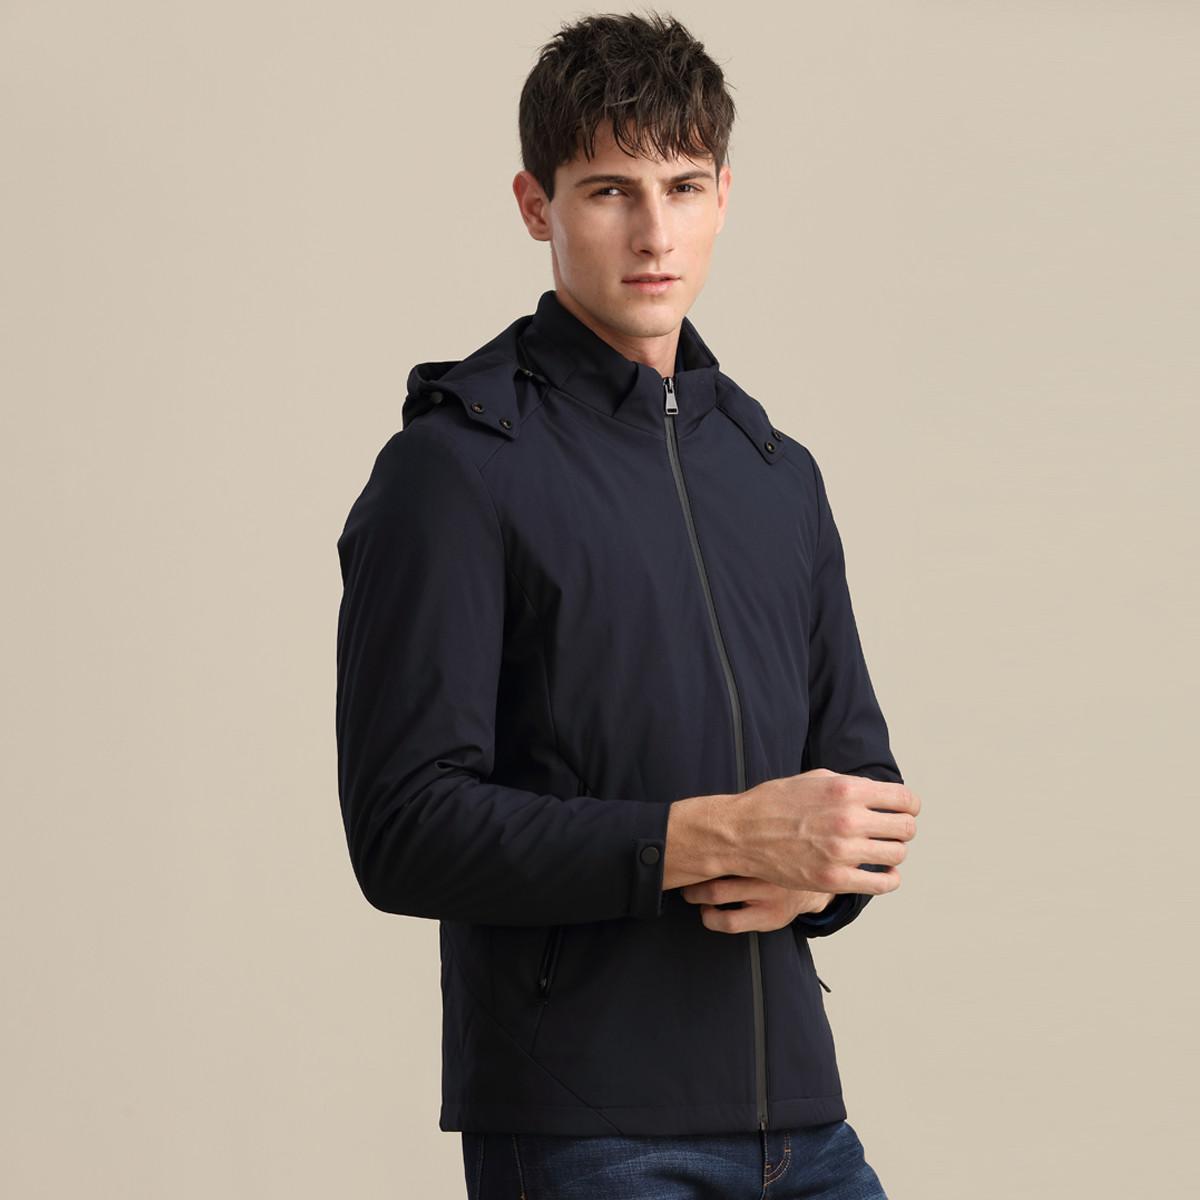 凯迪东尼凯迪东尼男款连帽时尚简约保暖防风男式棉衣JS0201108